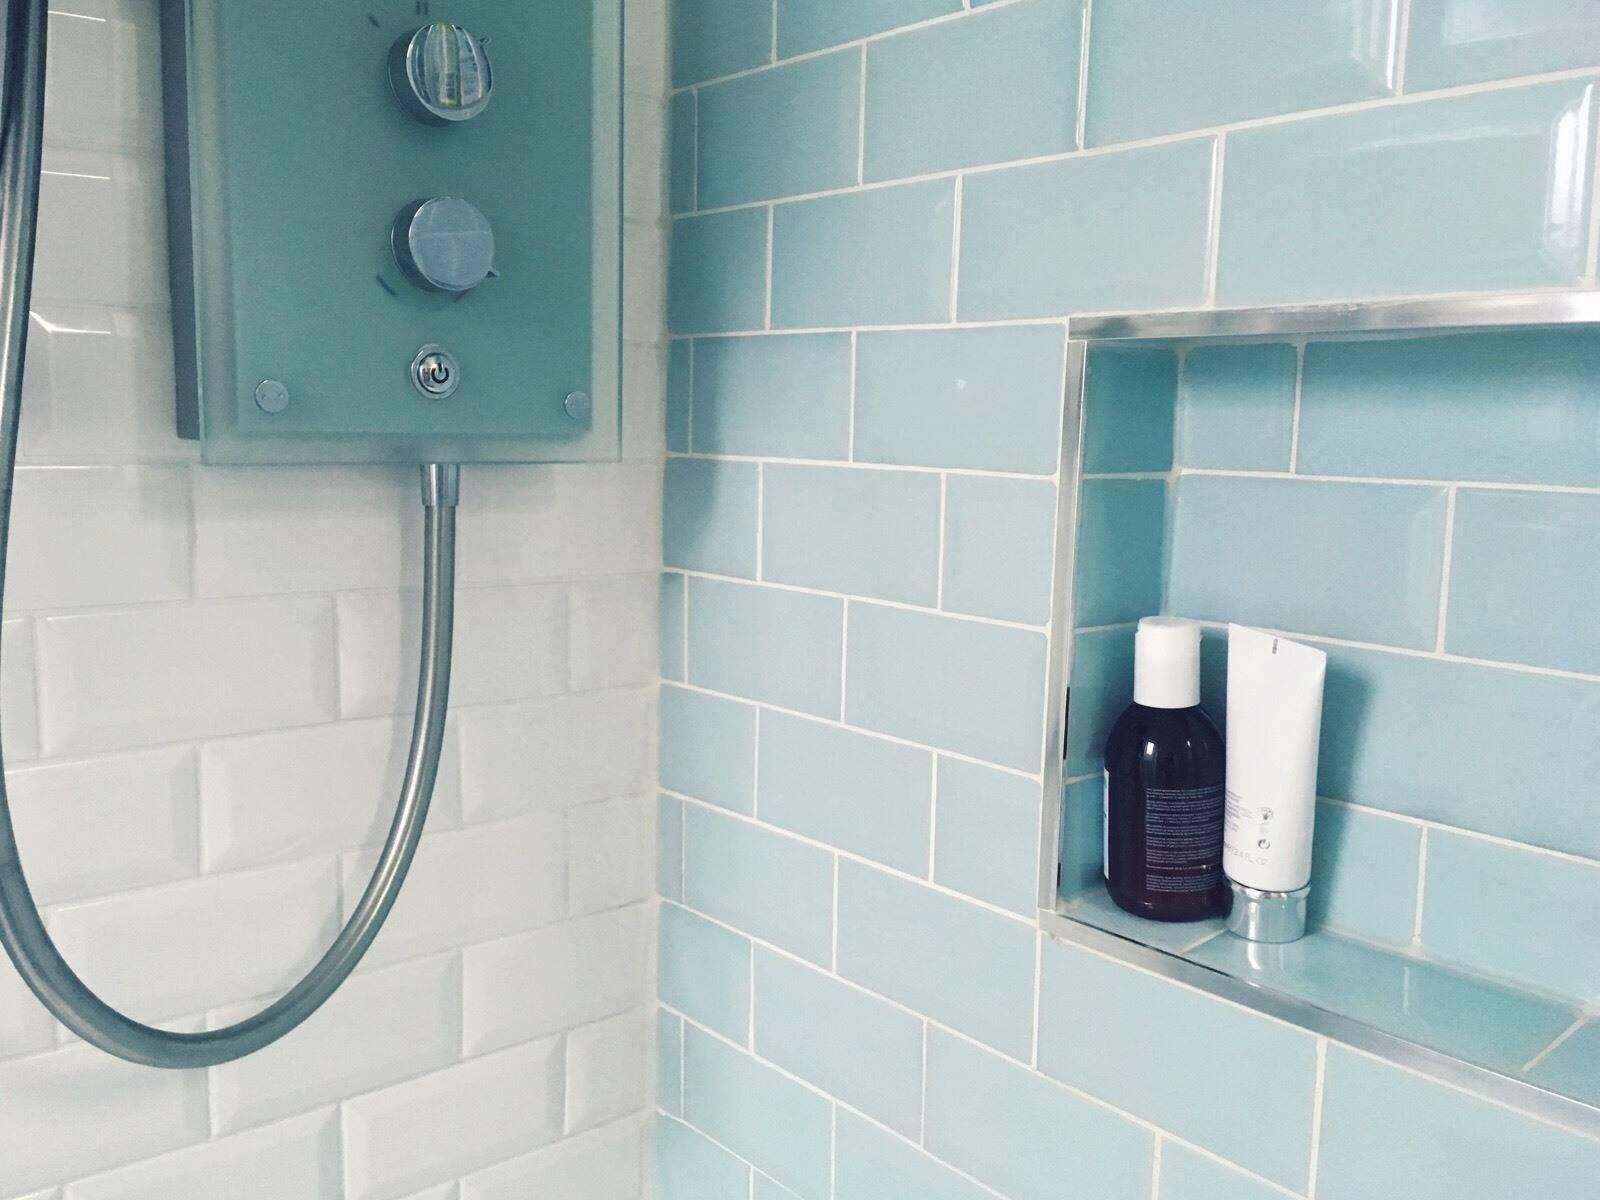 Płytka prysznicowa i łazienkowa w niebieskie kafelki